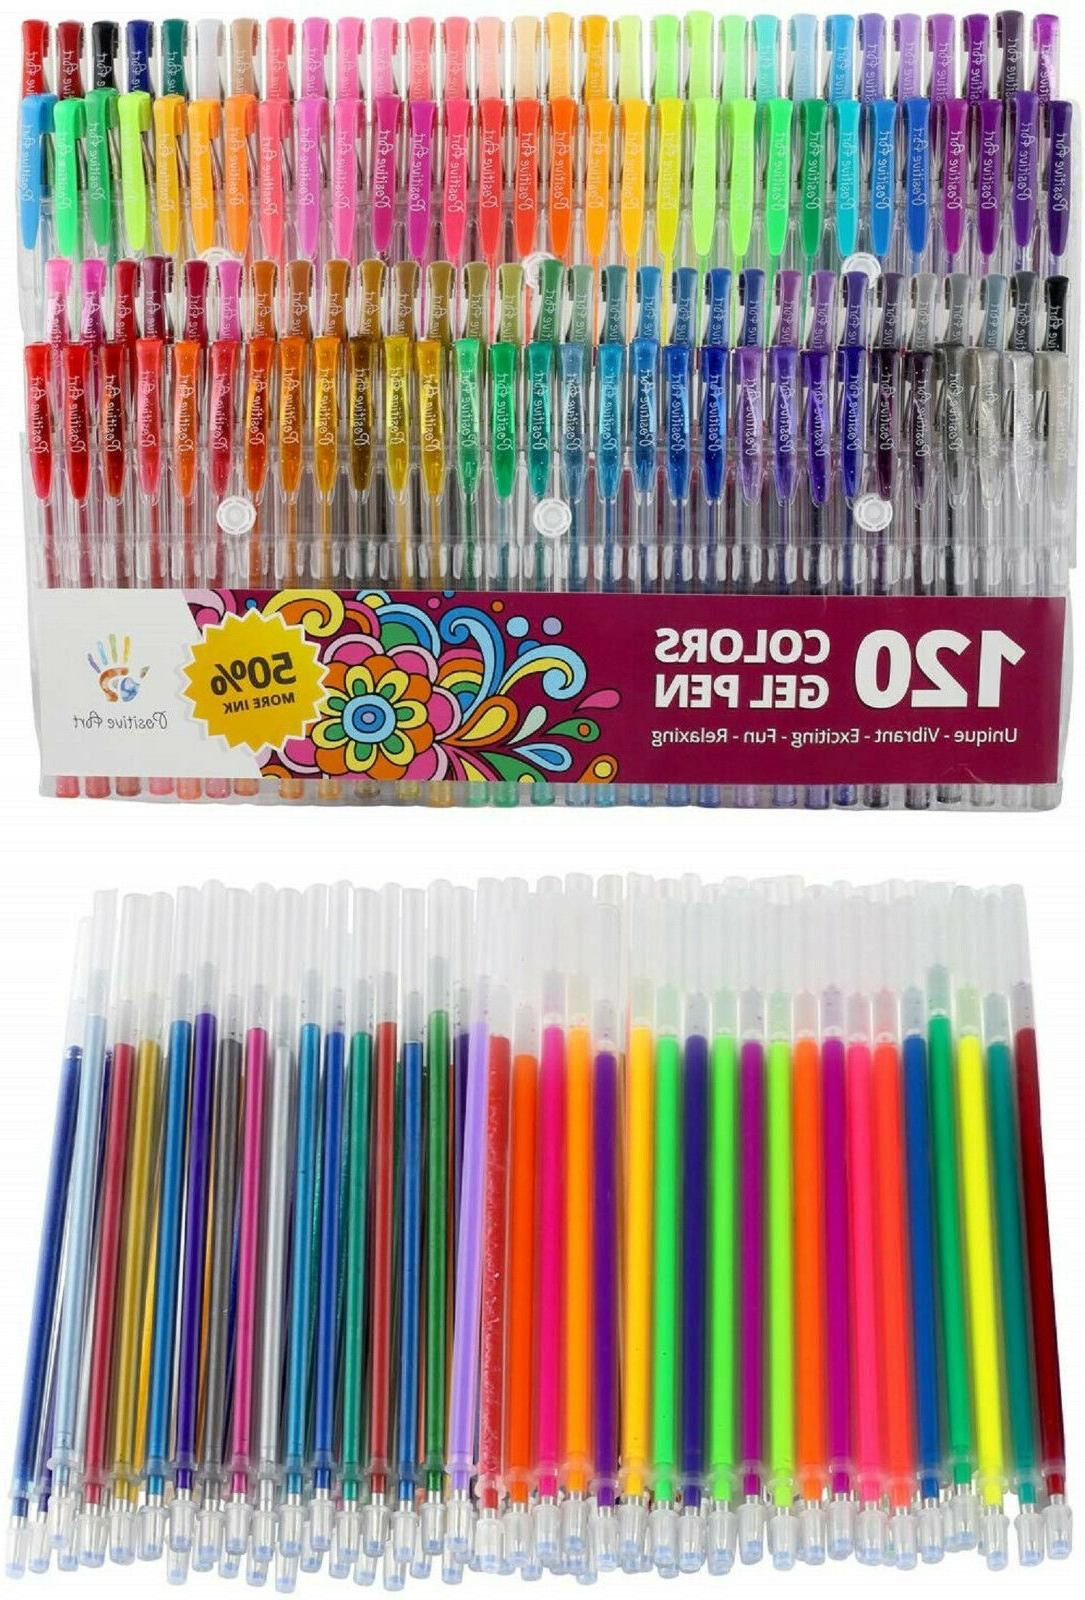 Gel 120 Colors Coloring No Duplicate